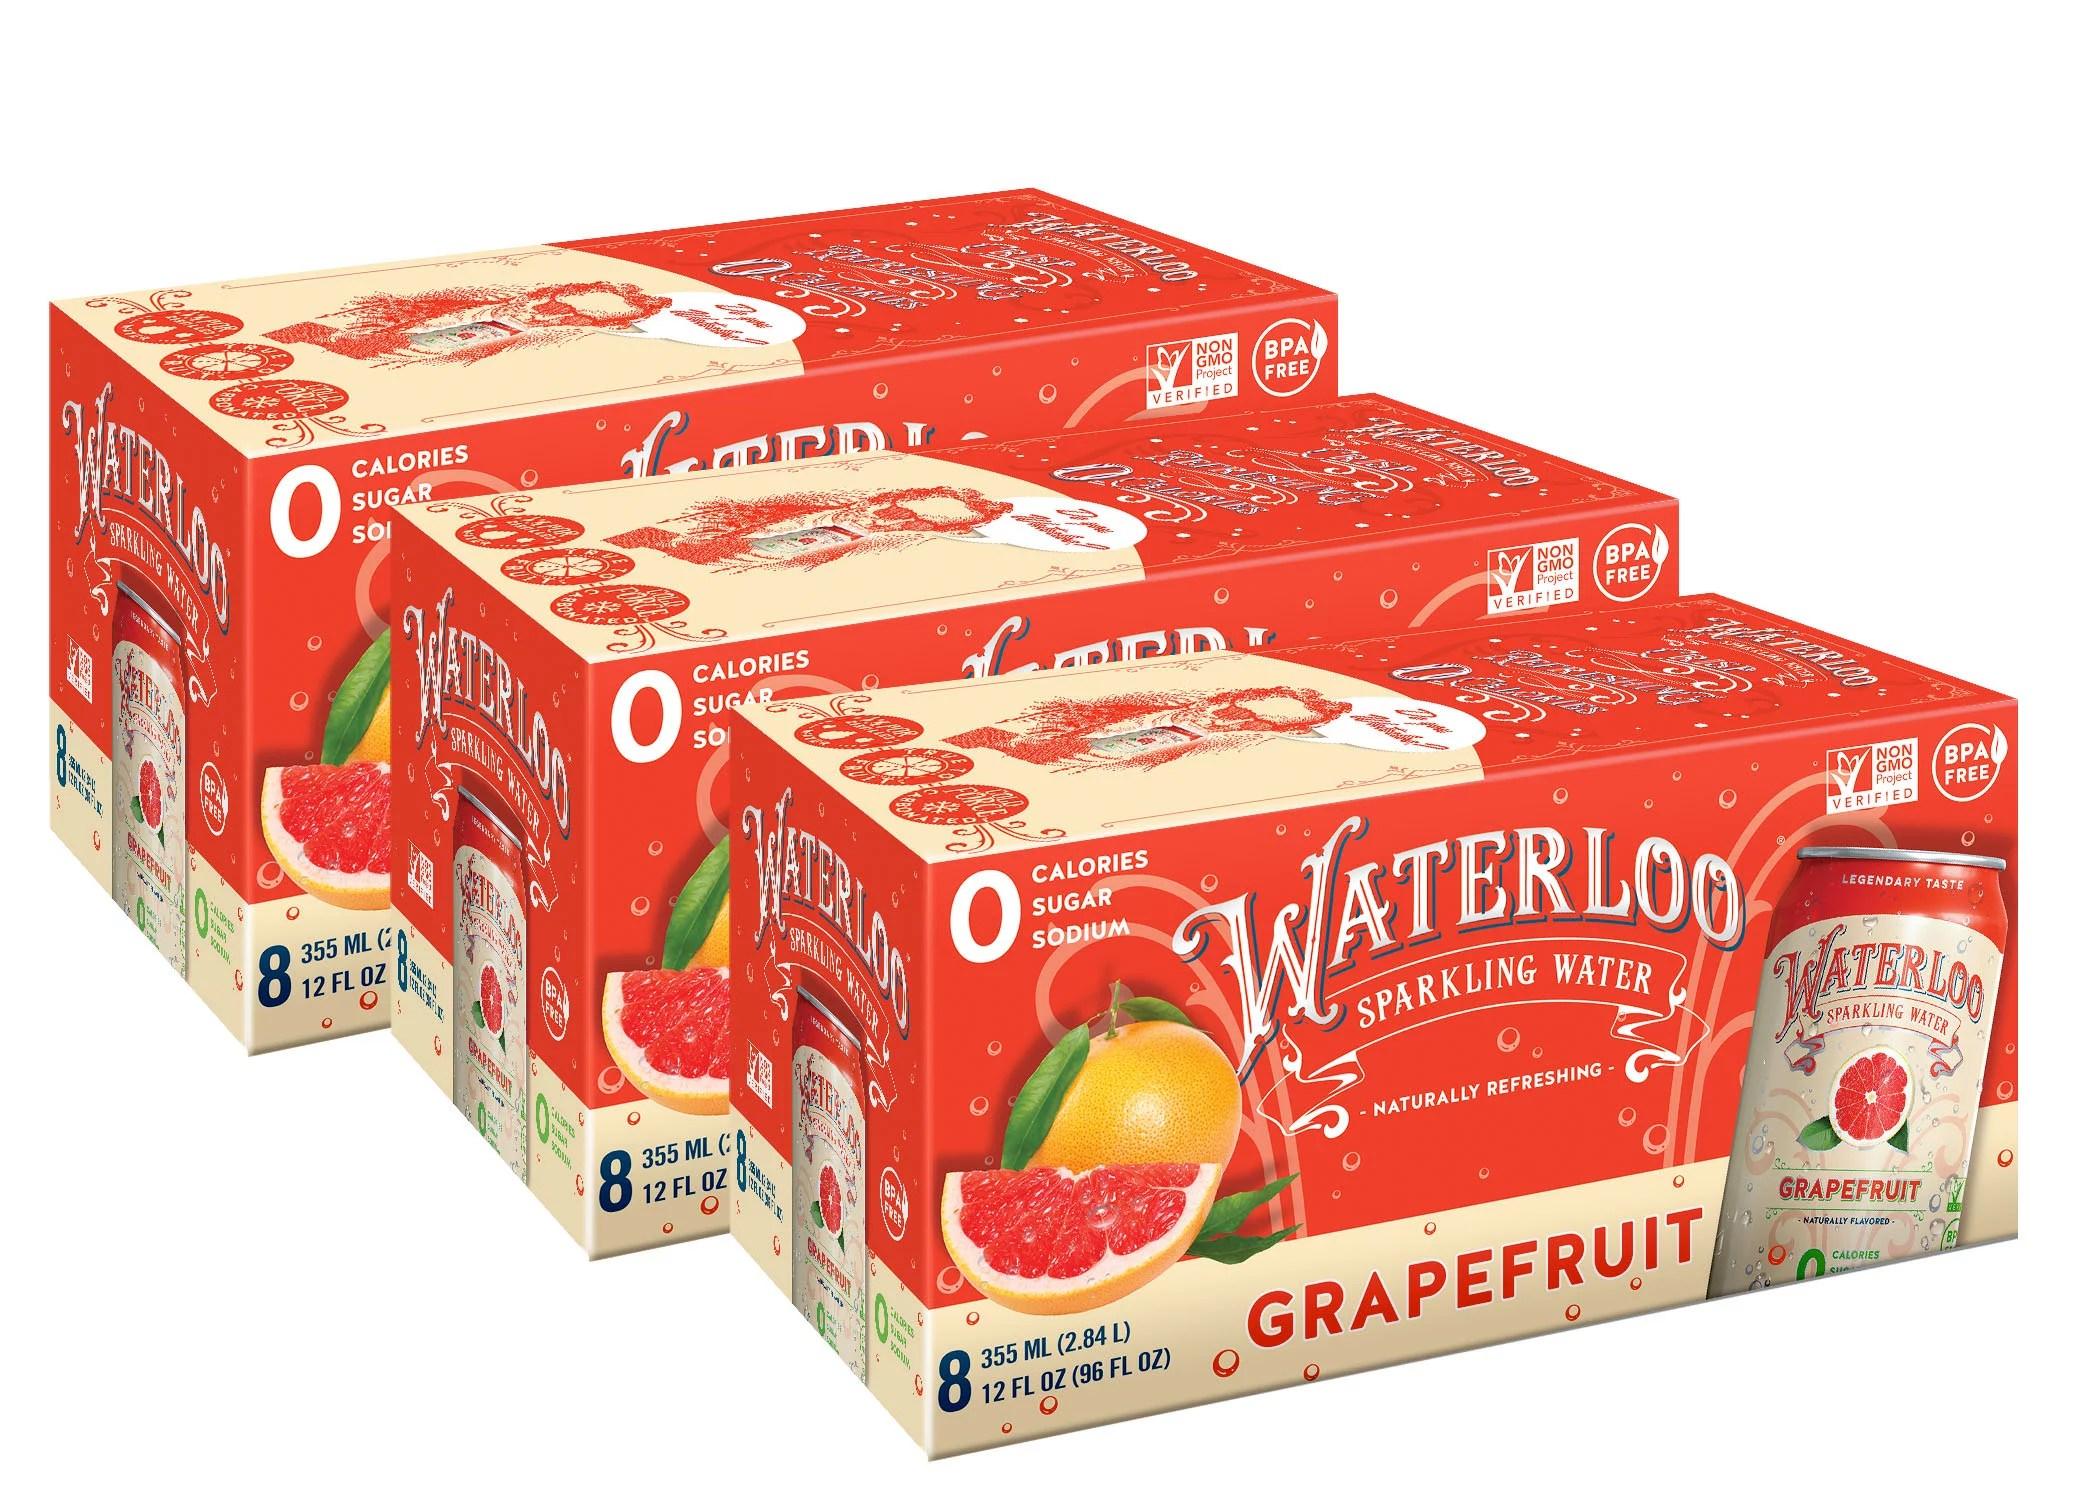 Waterloo Sparkling Water Grapefruit 12 Fl Oz 24 Ct